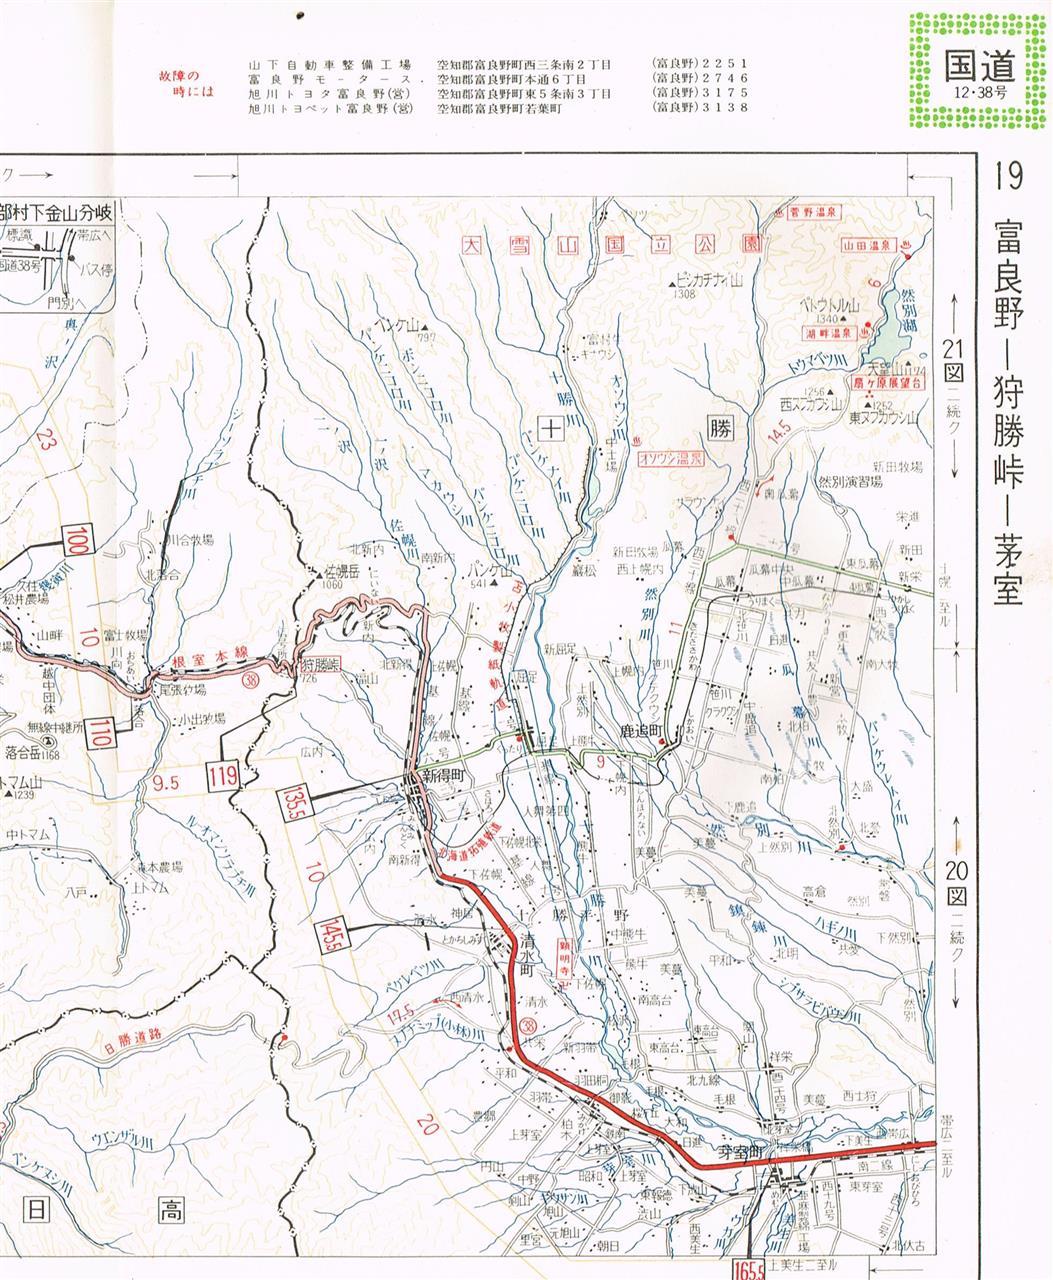 地図 道路 北海道 高速